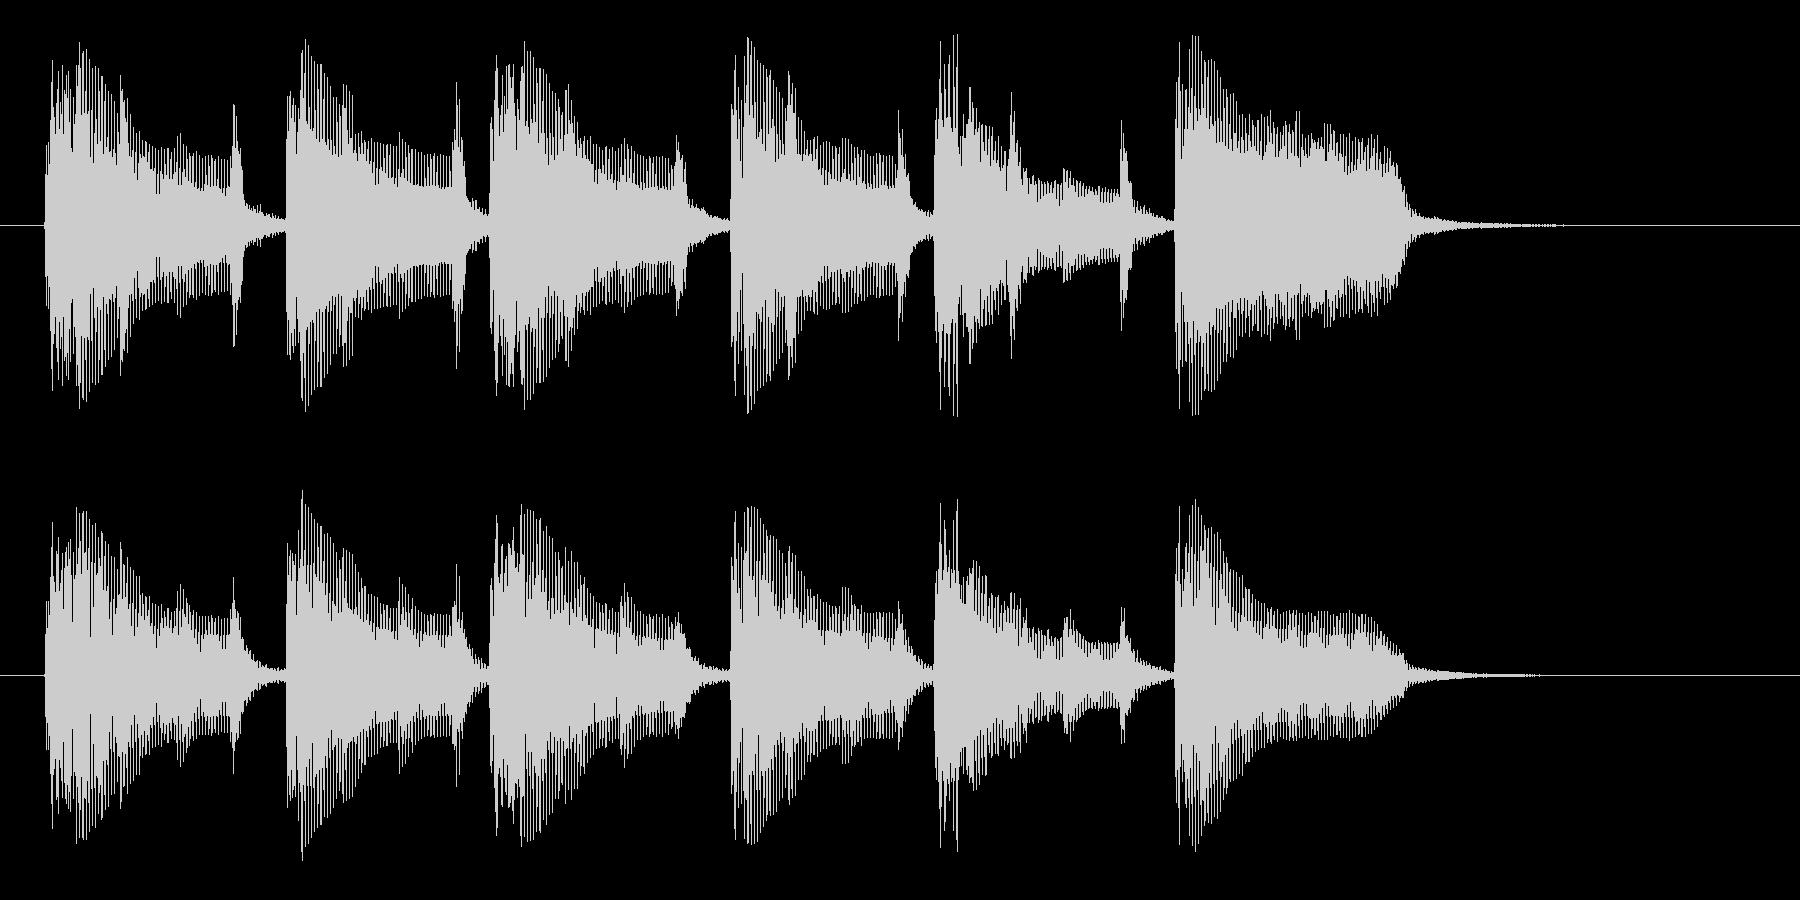 緊迫感と怪しさのあるインスト曲の未再生の波形